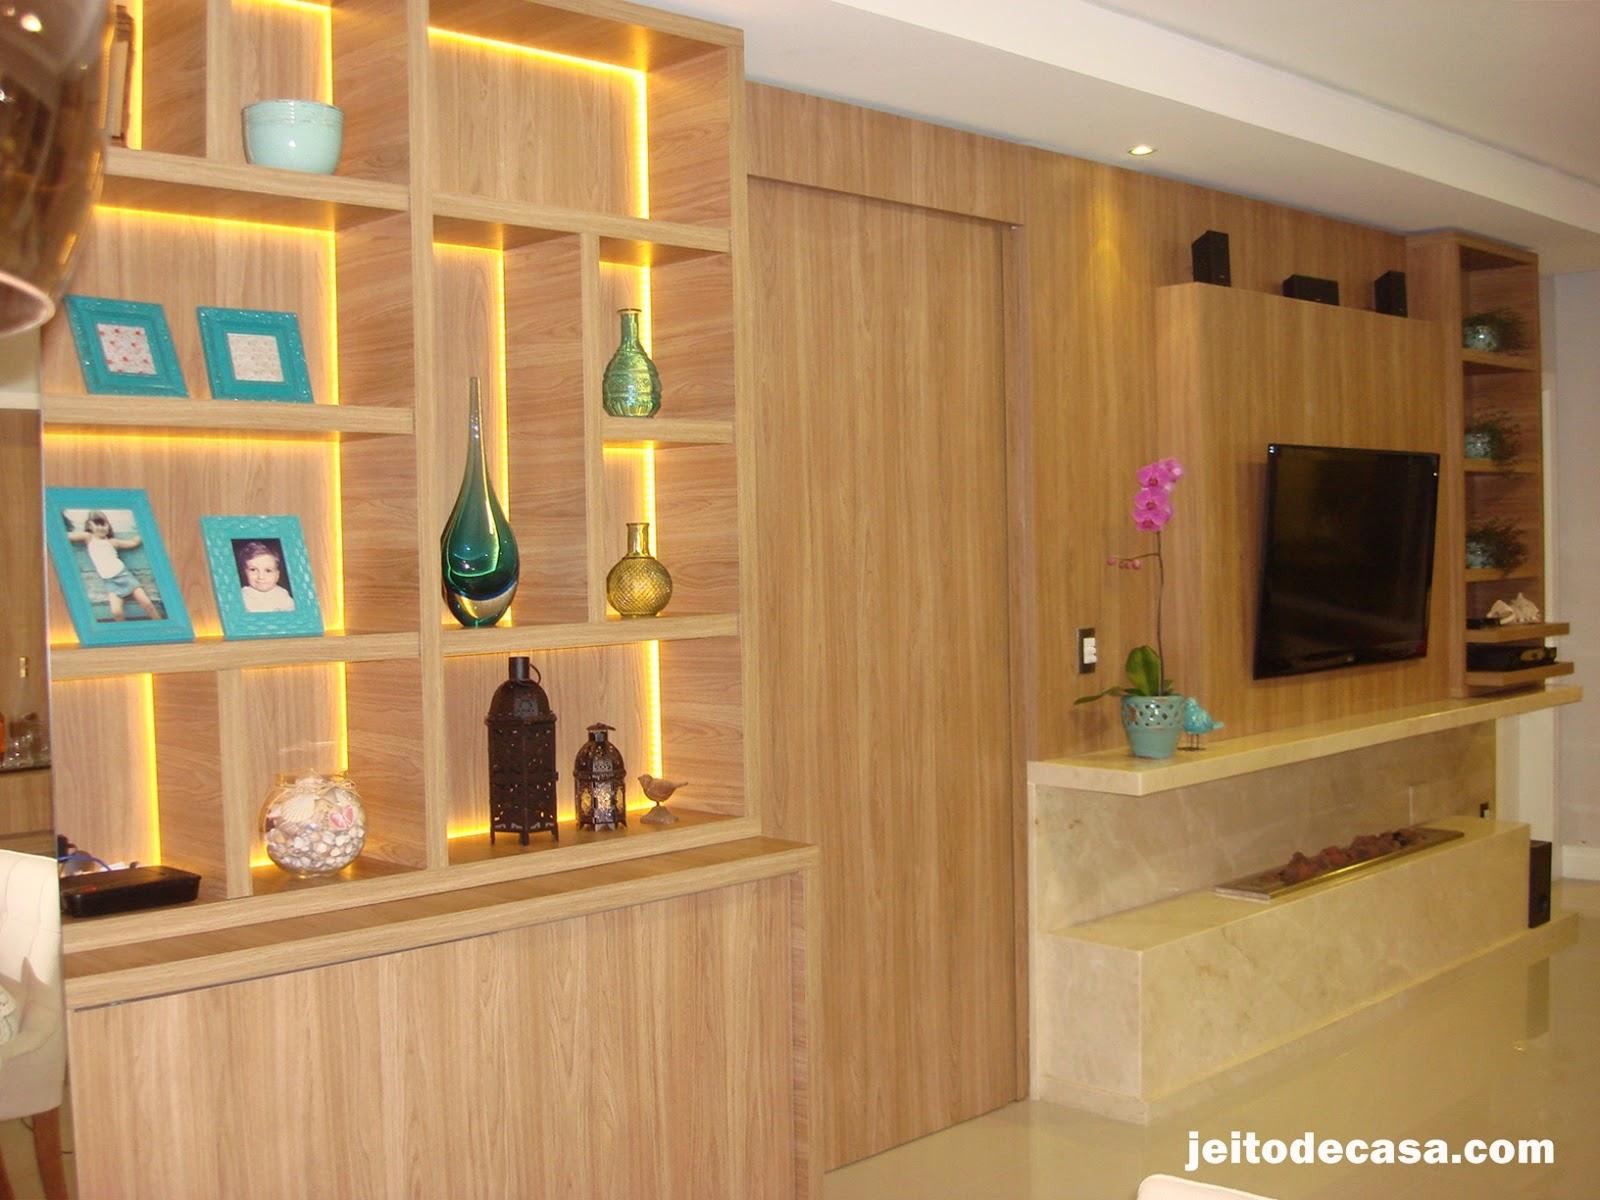 Objetos de decoração para salas e estantes Jeito de Casa Blog  #C1950A 1600 1200